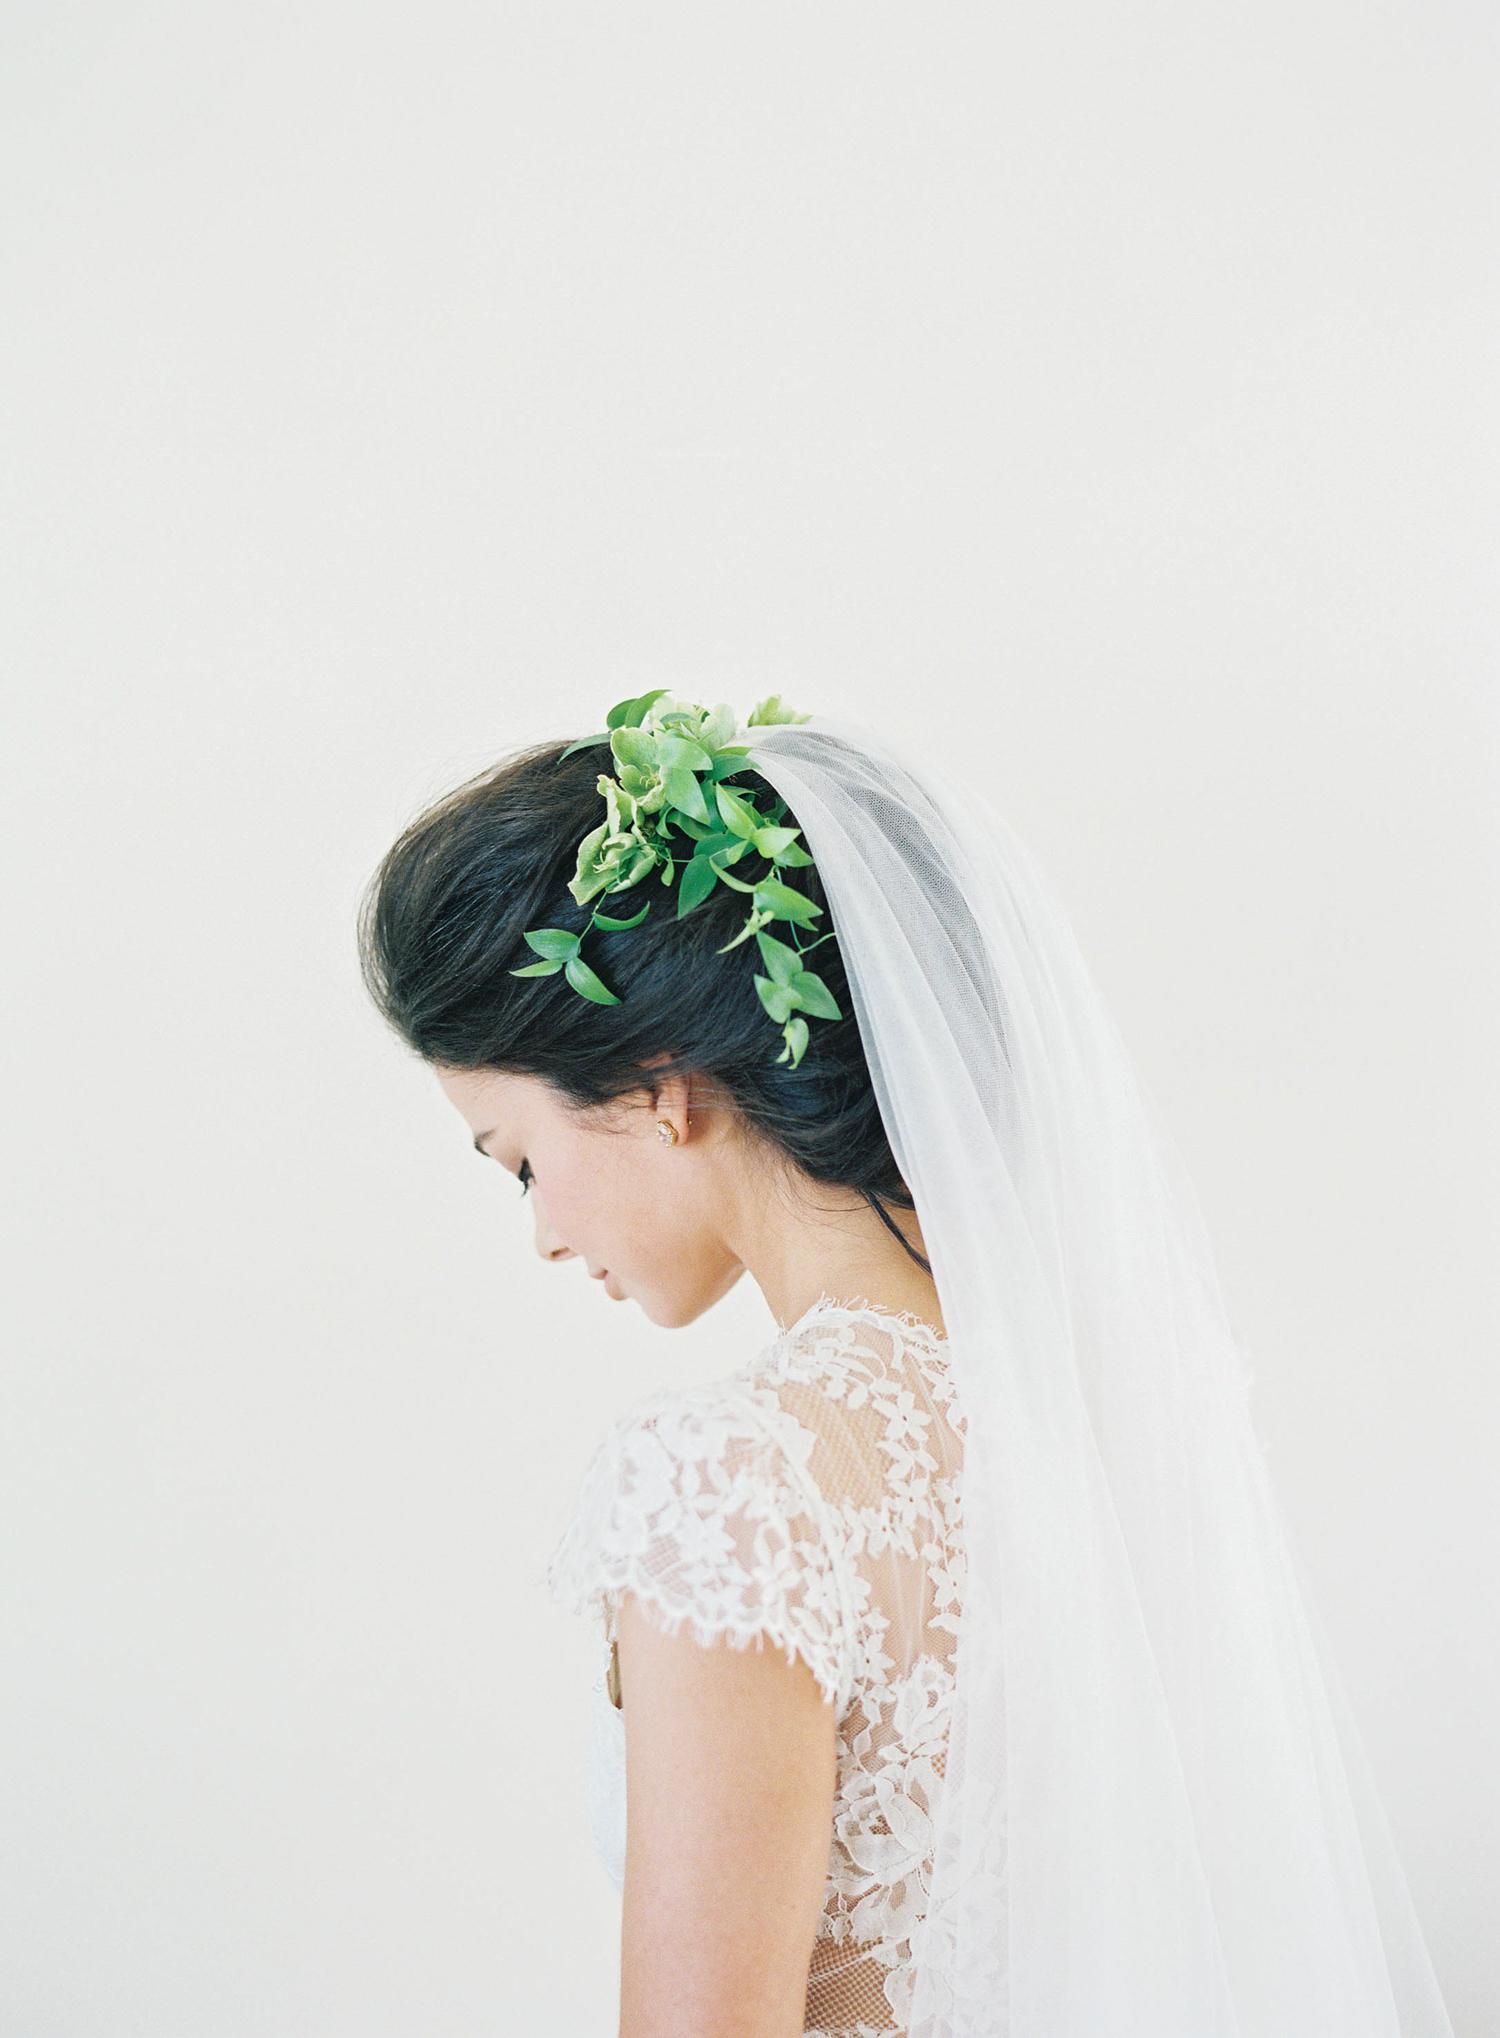 kestrel-park-wedding-14.jpg